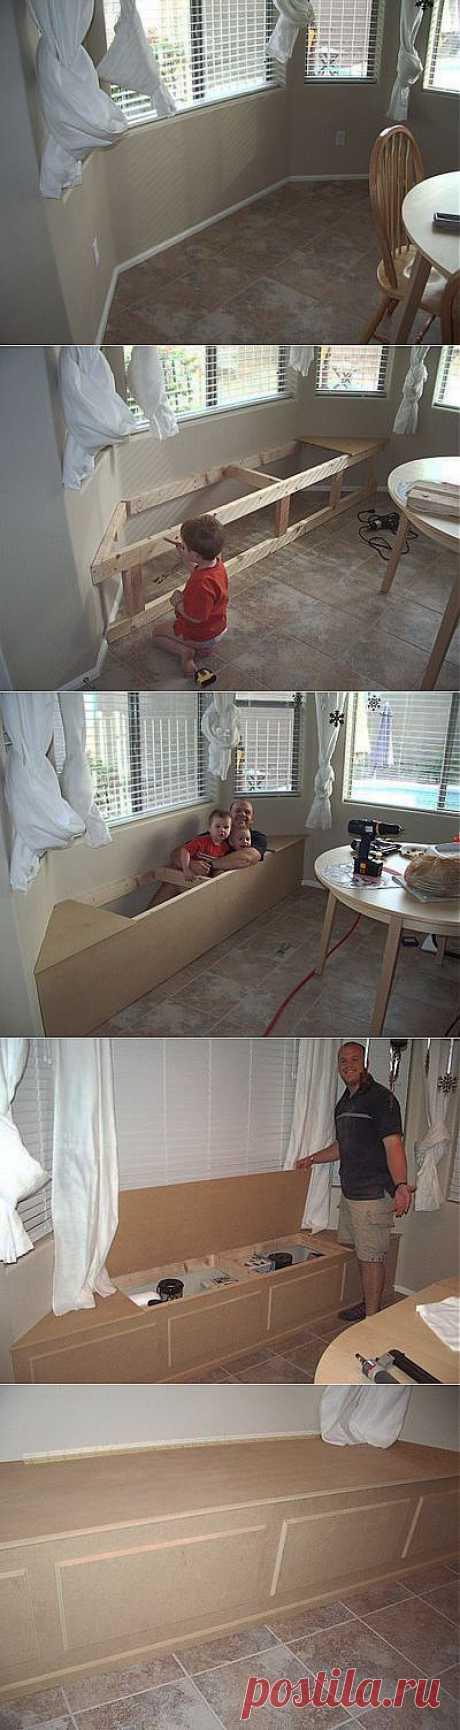 Мини мастер класс по изготовлению диванчика у окна. | Самоделкино